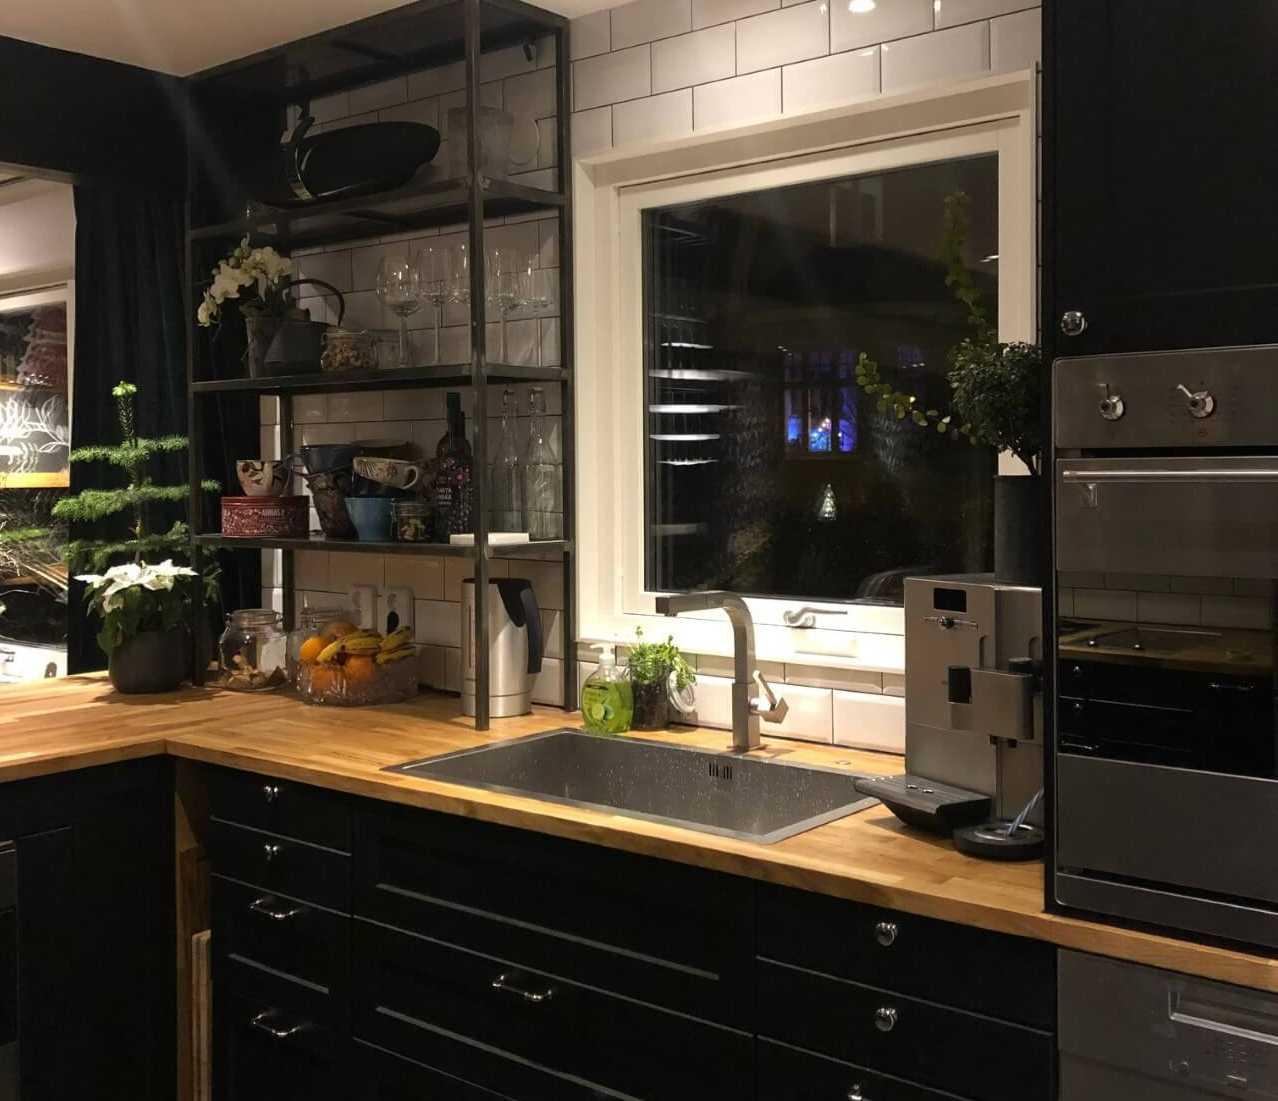 Full Equipment Kitchen